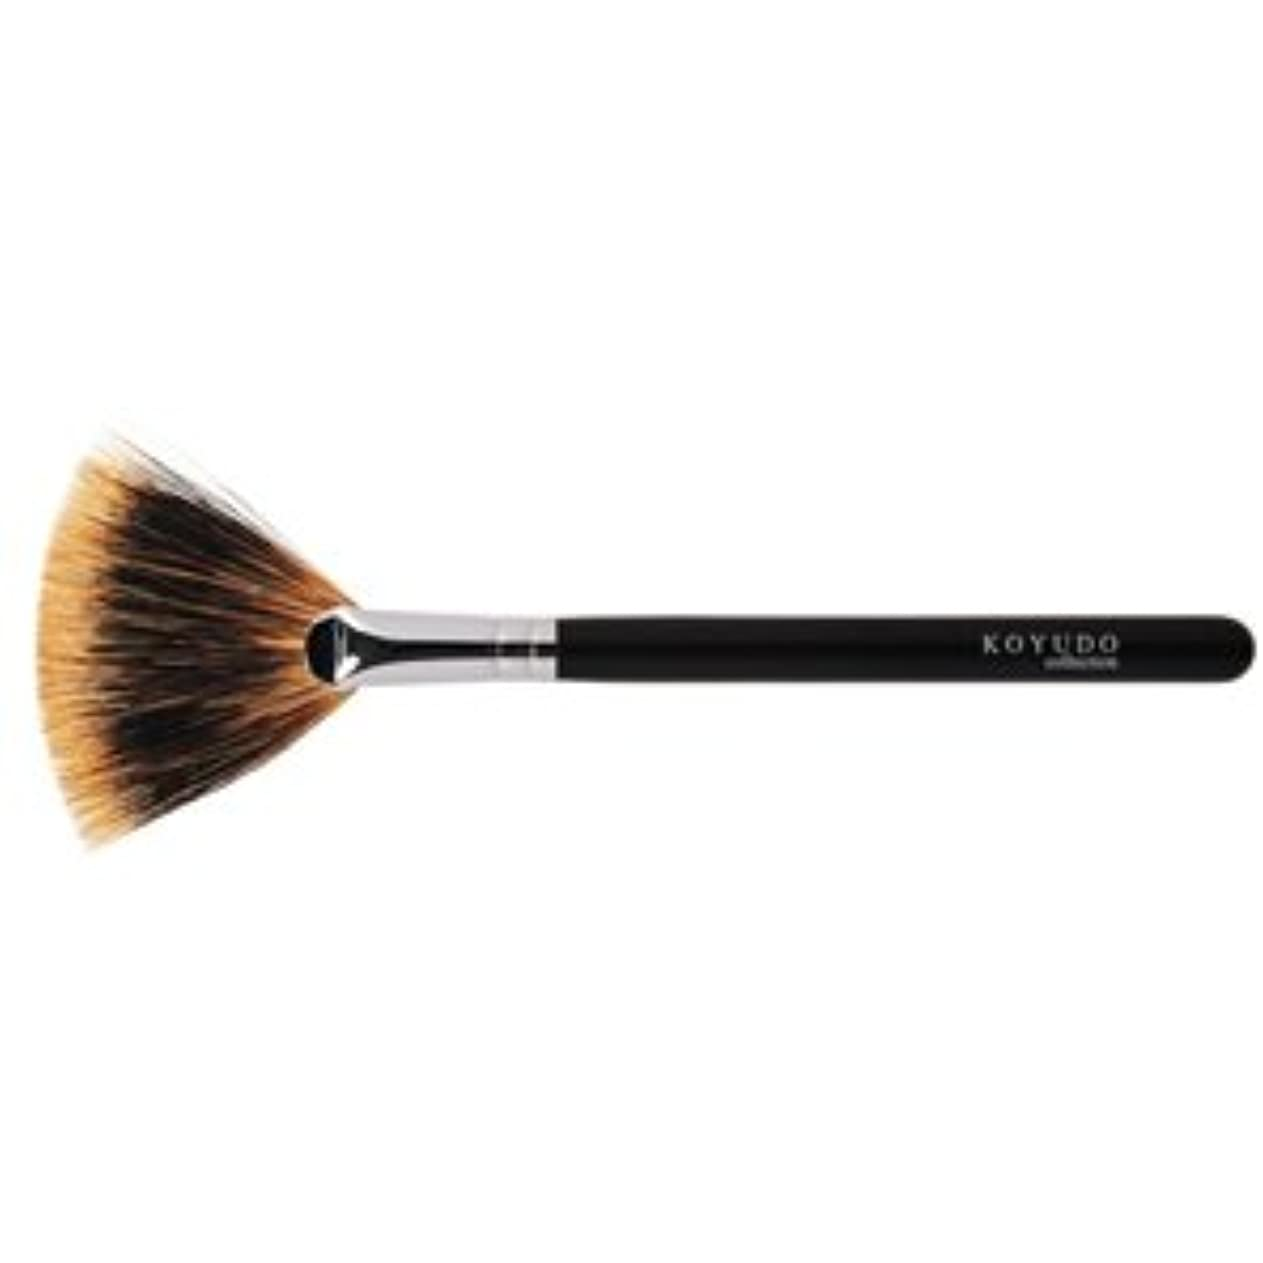 受け取るスナック王女熊野 化粧筆 C015 フィニッシング ブラシ スタンダード シリーズ